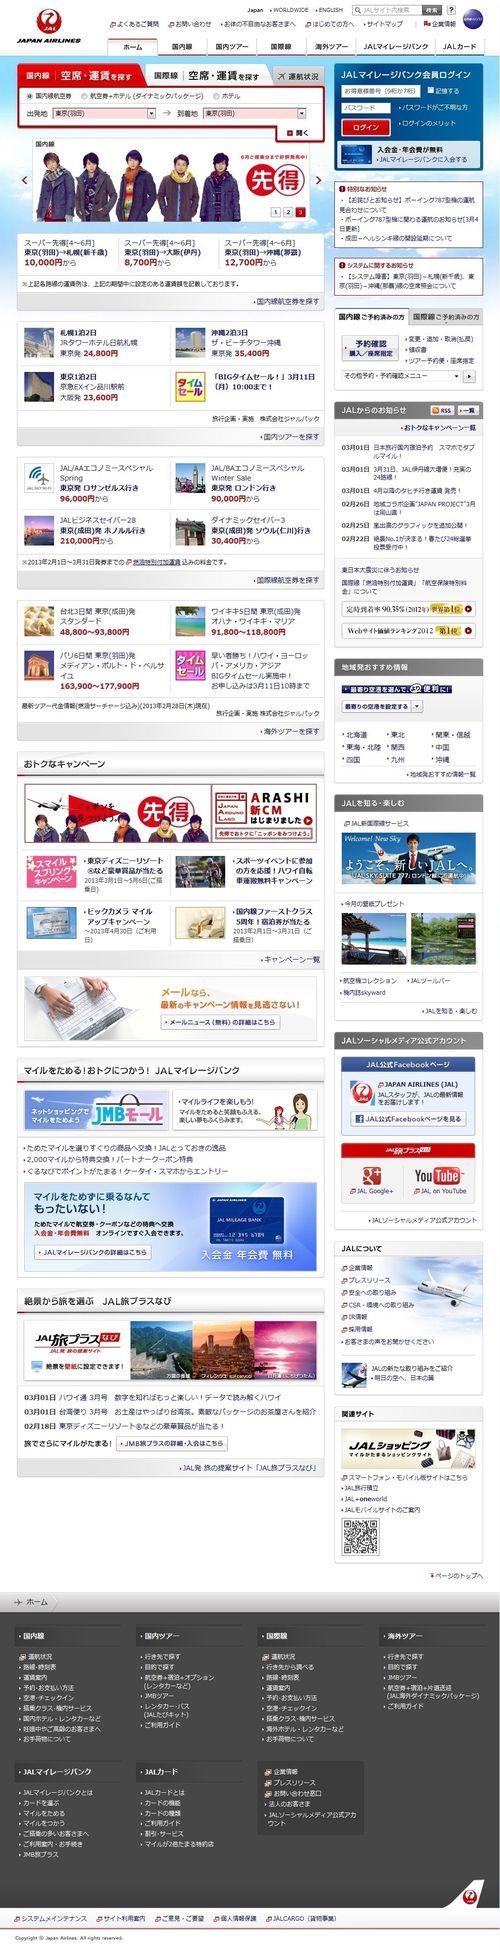 2013.03.04 PUB JAL 01